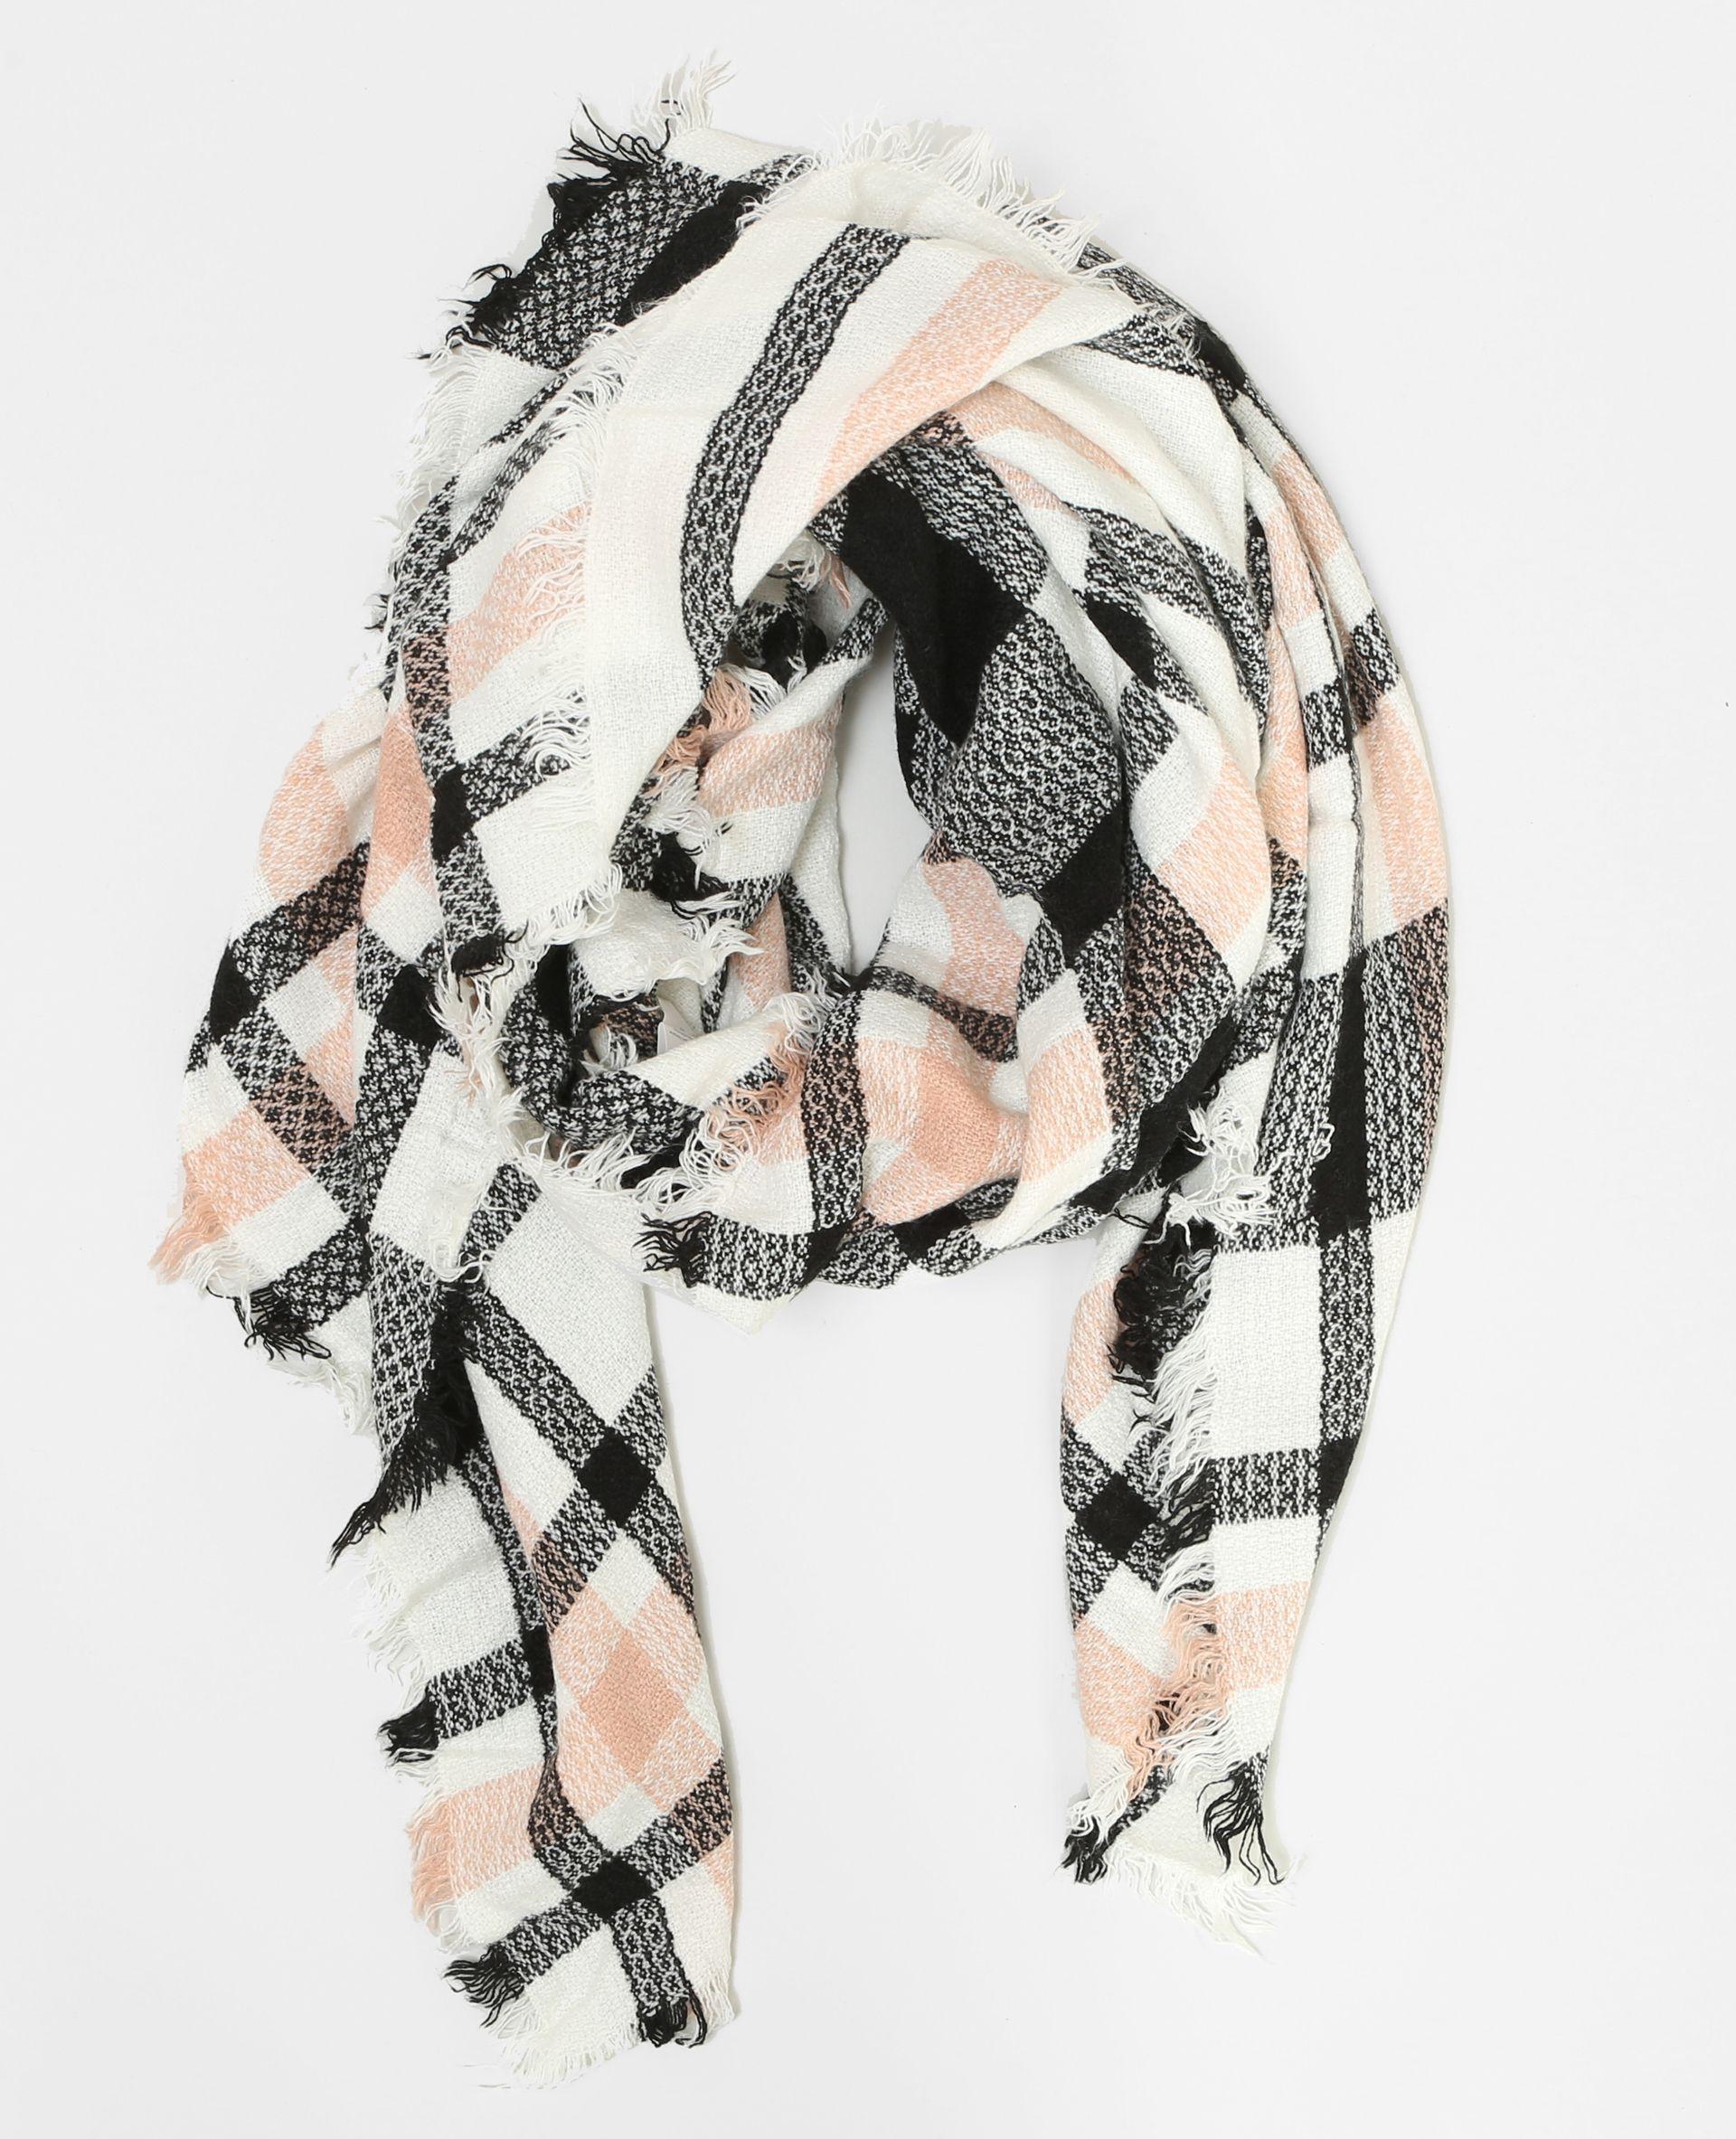 nouveaux produits pour prix le plus bas plus grand choix Foulard à carreaux - 15€ Pimkie | Outfits i love | Jennyfer ...